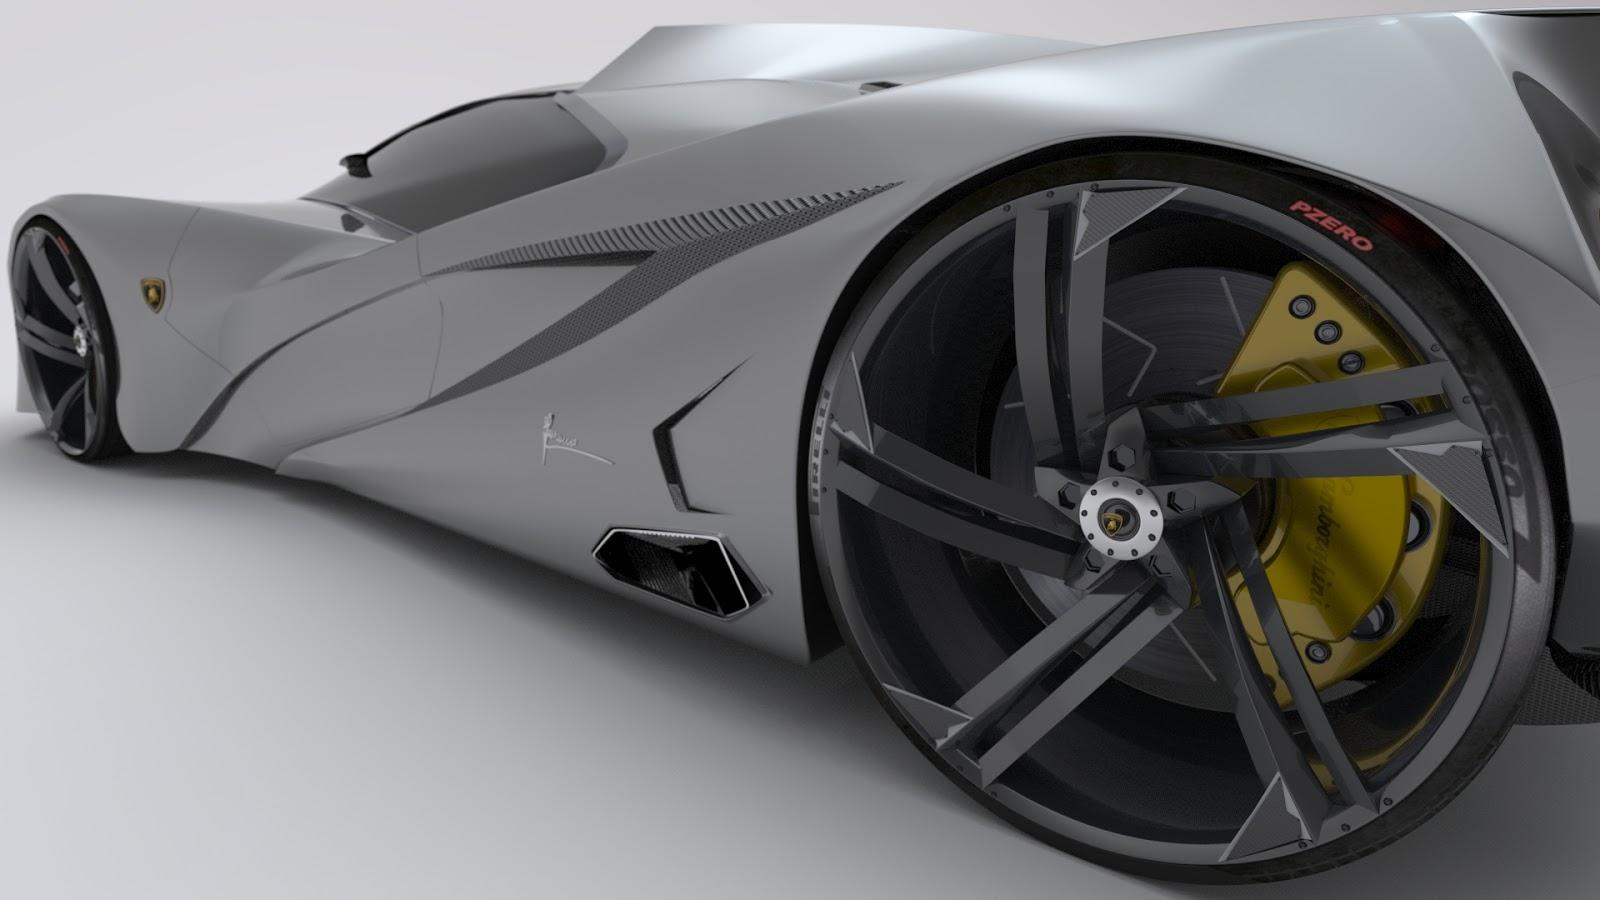 Lamborghini Ferruccio Hd Wallpapers Teknoloji Ve Hd Resimler